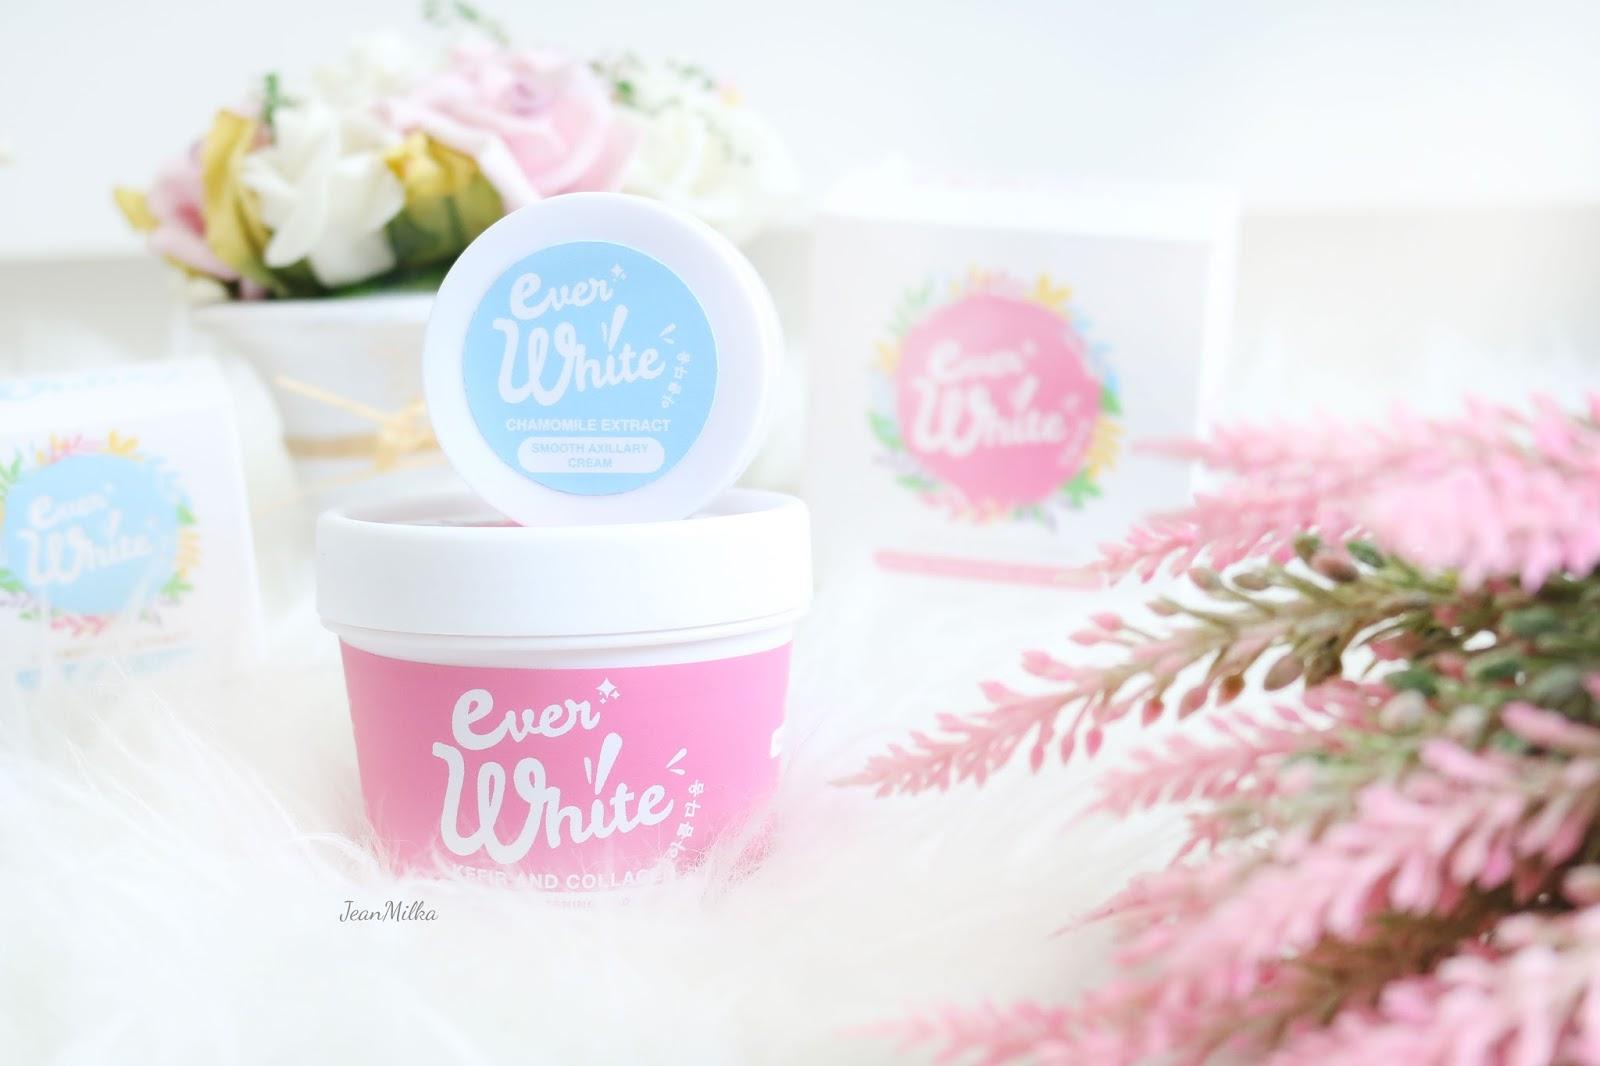 everwhite, everwhite body cream, kulit putih seketika, pemutih kulit, kulit putih, kulit cerah, dapatkan kulit putih